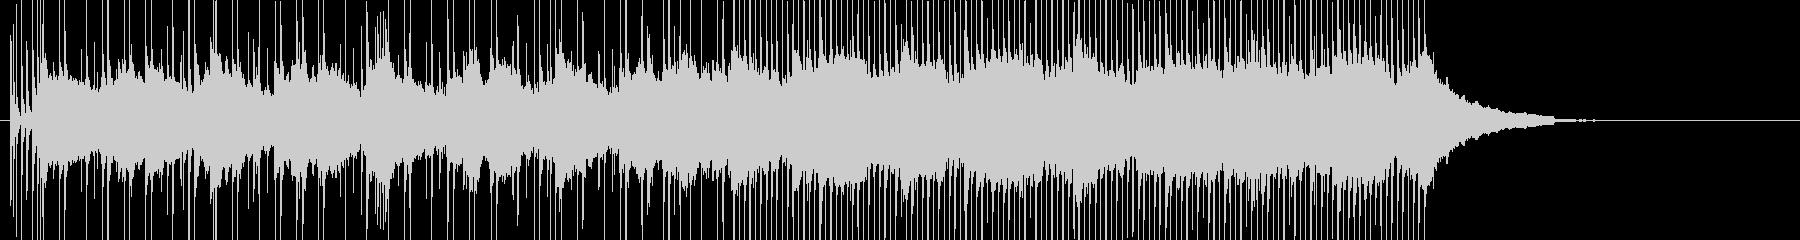 柔らかいバンドサウンドの田園広がるBGMの未再生の波形